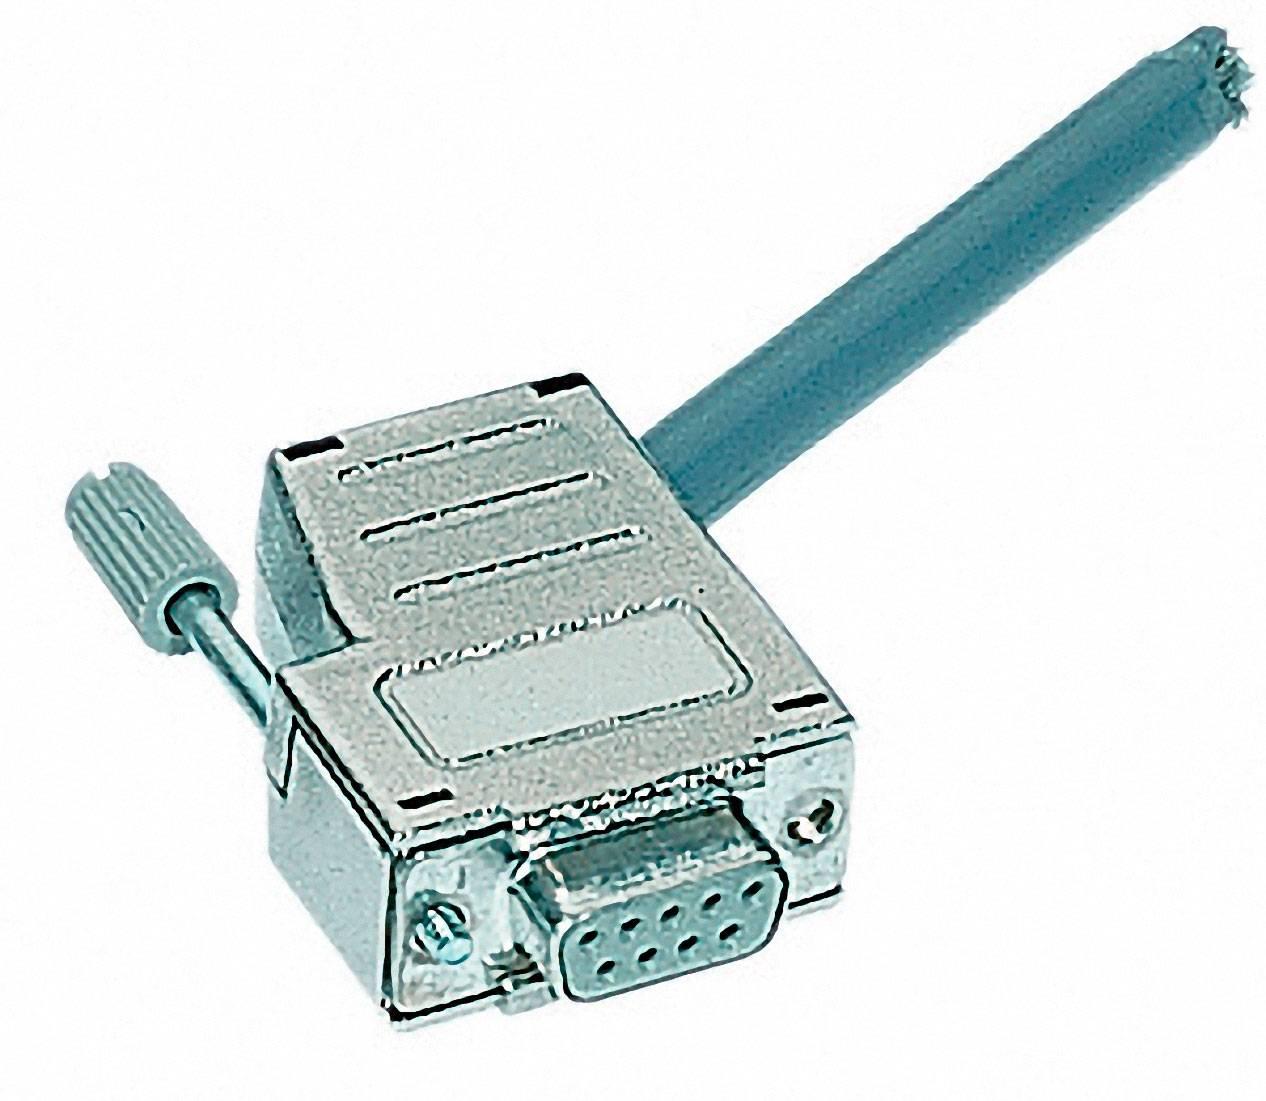 D-SUB pouzdro Harting 09 67 009 0435, Pólů: 9, plast, pokovený, 180 °, 45 °, stříbrná, 1 ks